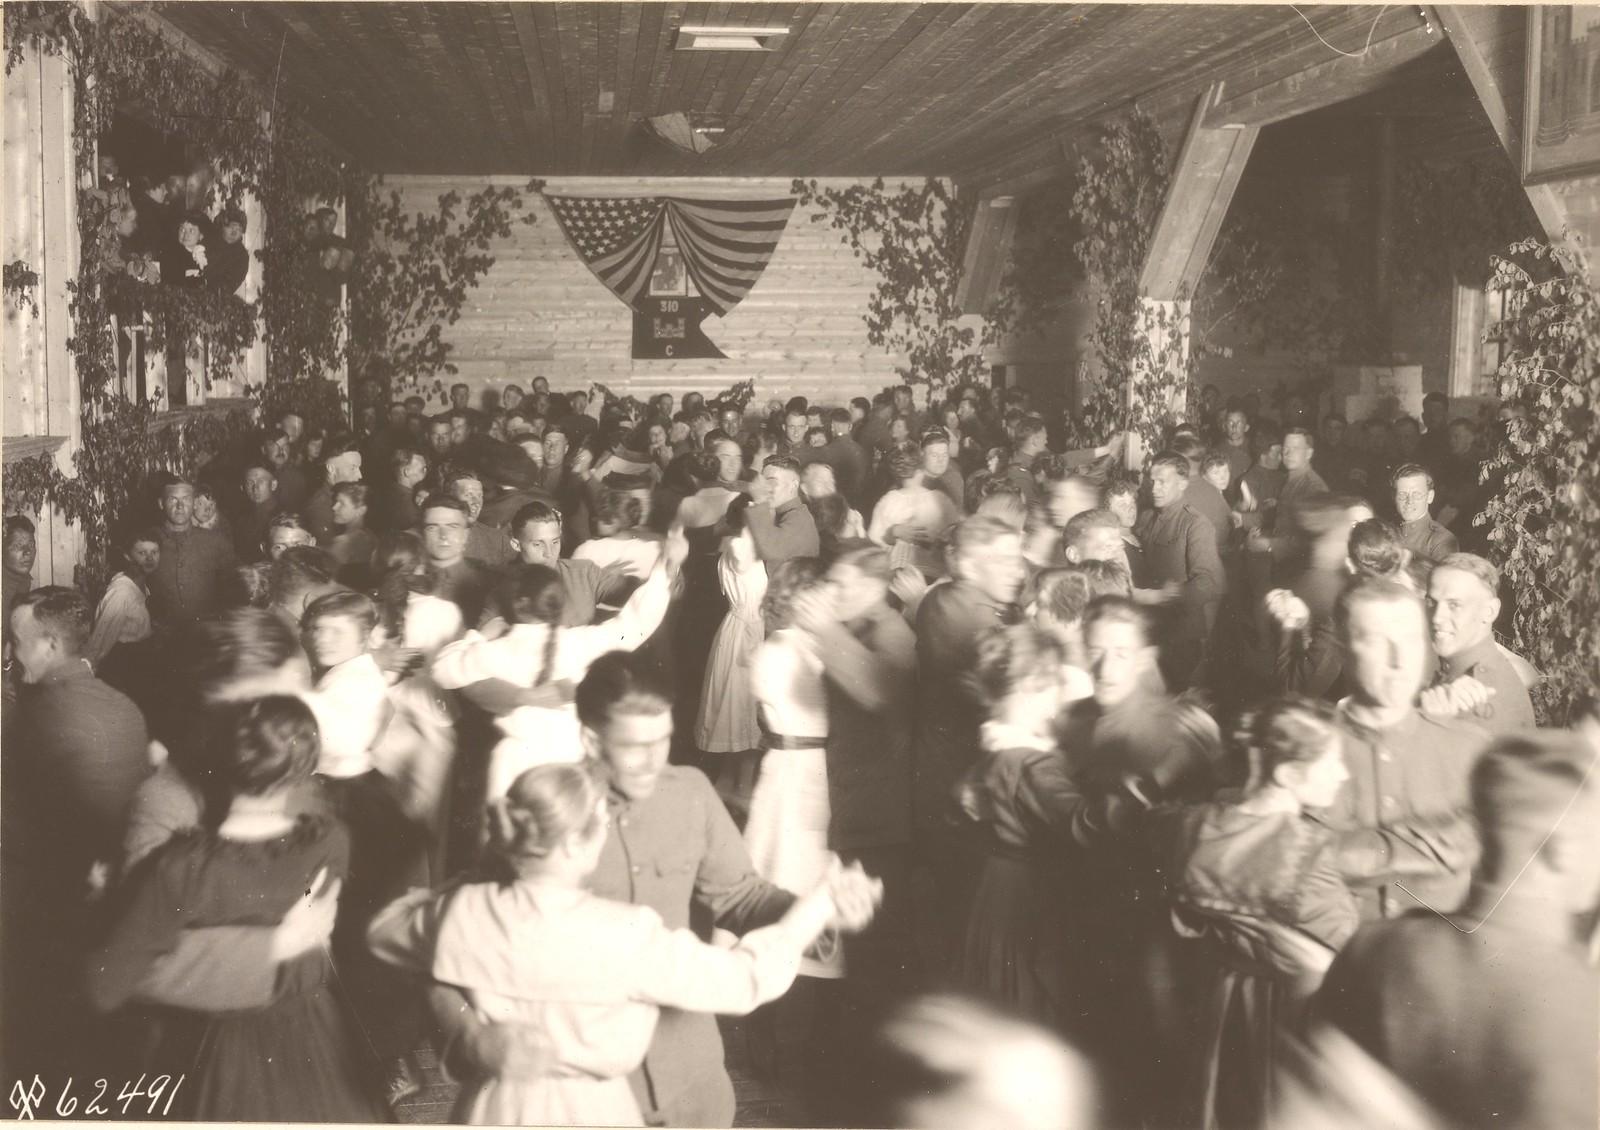 Танец «Dosvedaynia» в зале отдыха, Company C, 310 - инженерах, Solombola, последние из серии развлечений и танцев в Архангельске